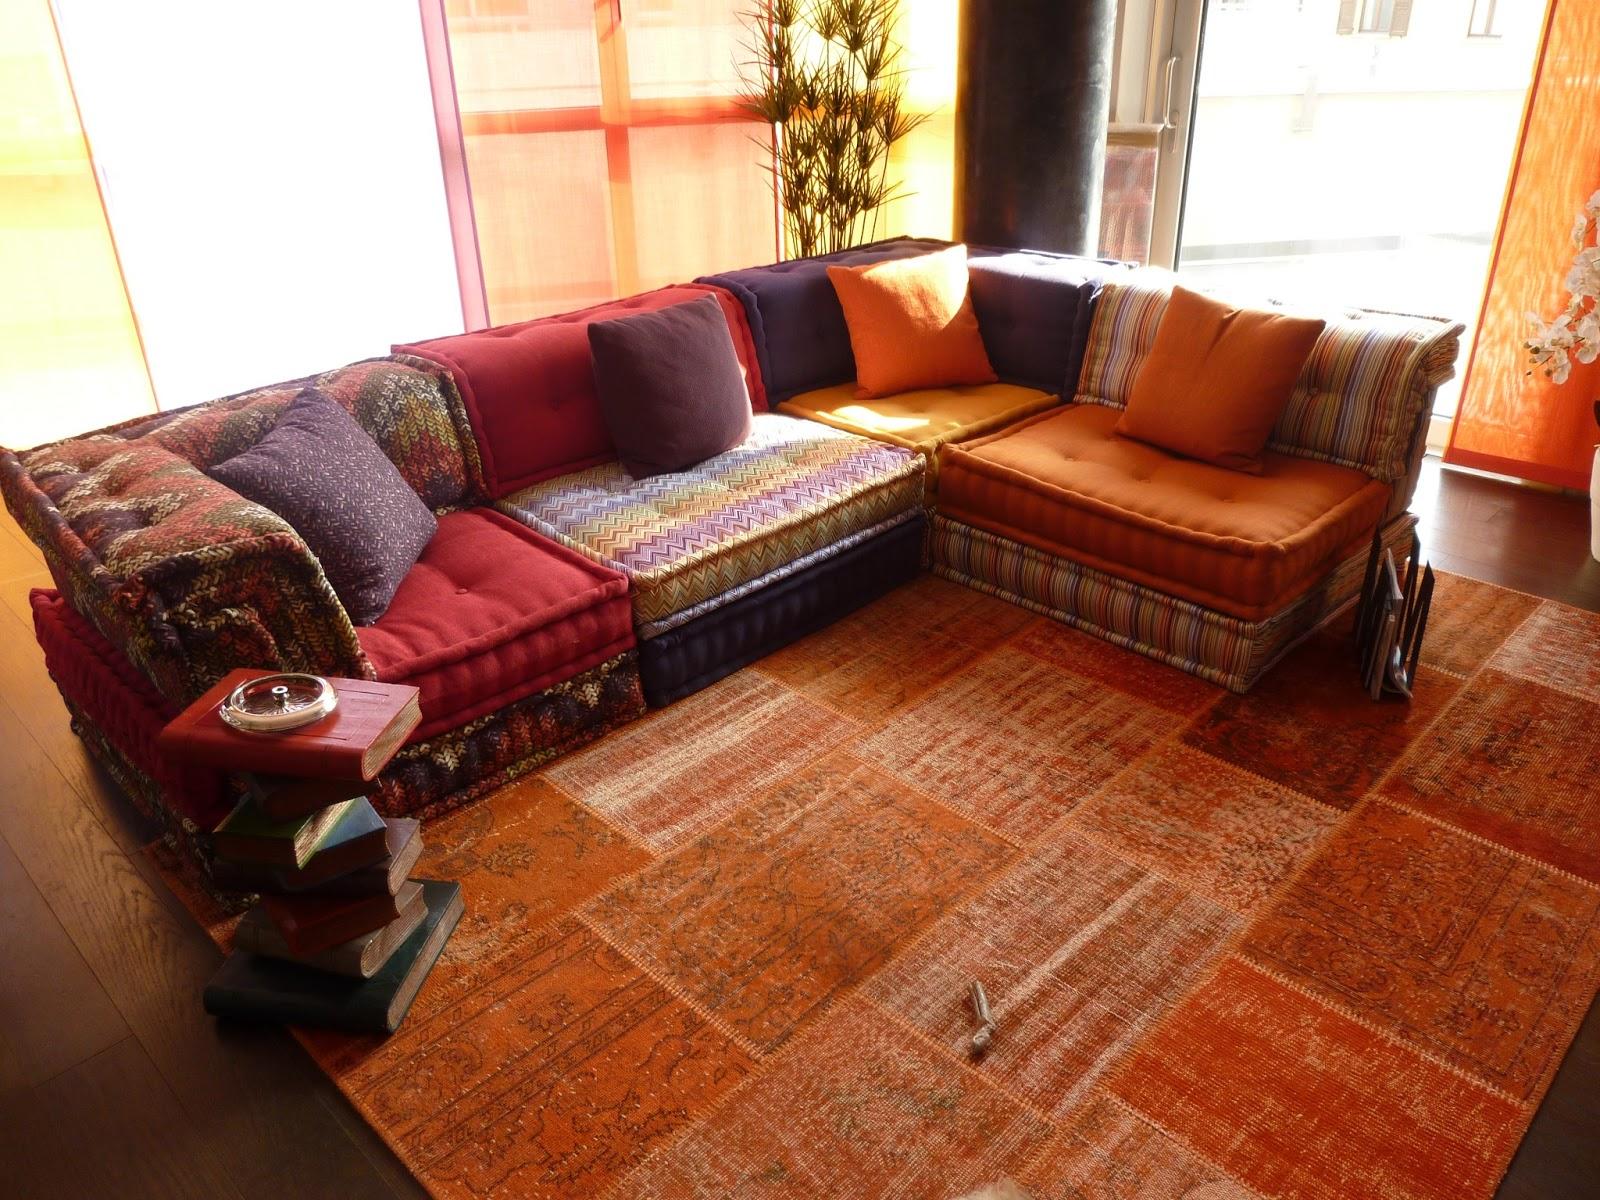 alberto sozzi store manager and senior interior designer salotto mah jong. Black Bedroom Furniture Sets. Home Design Ideas